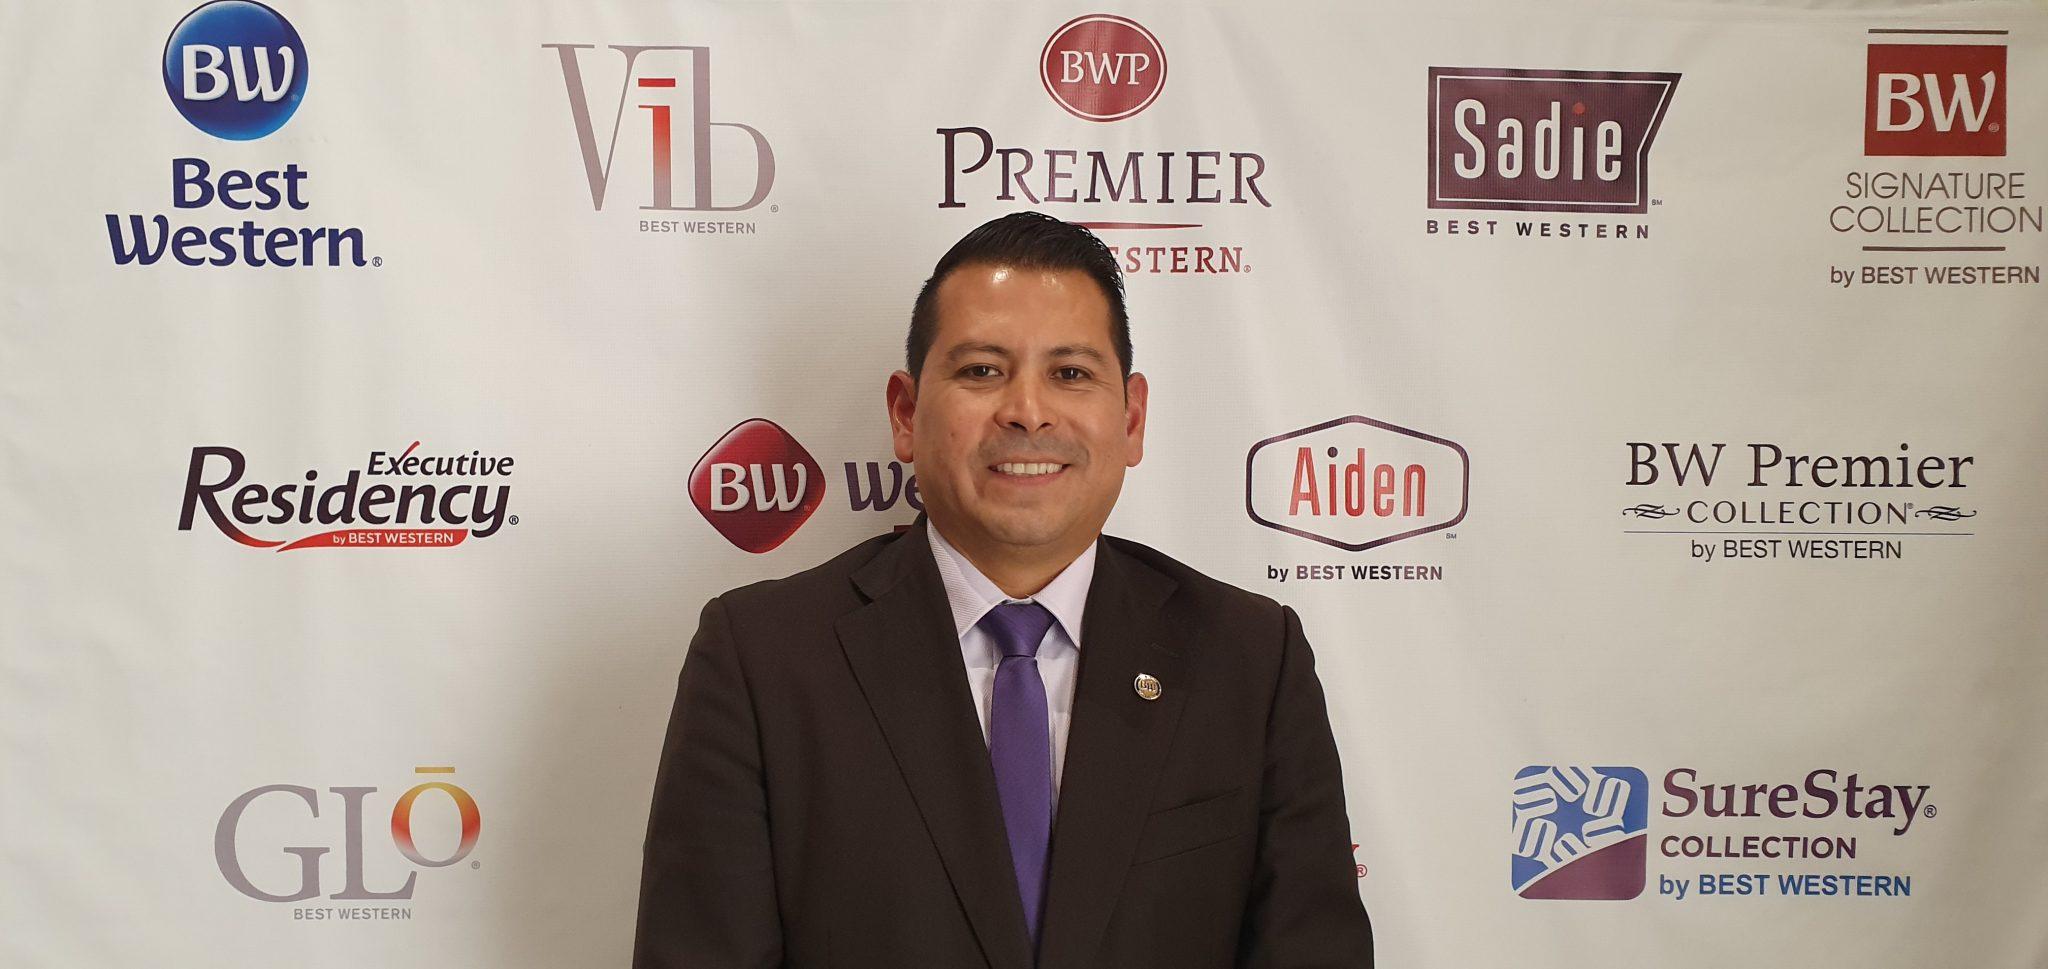 Best Western Hotels & Resorts nombra a Luis Alberto Tito como Director de Desarrollo Hotelero de Sudamérica